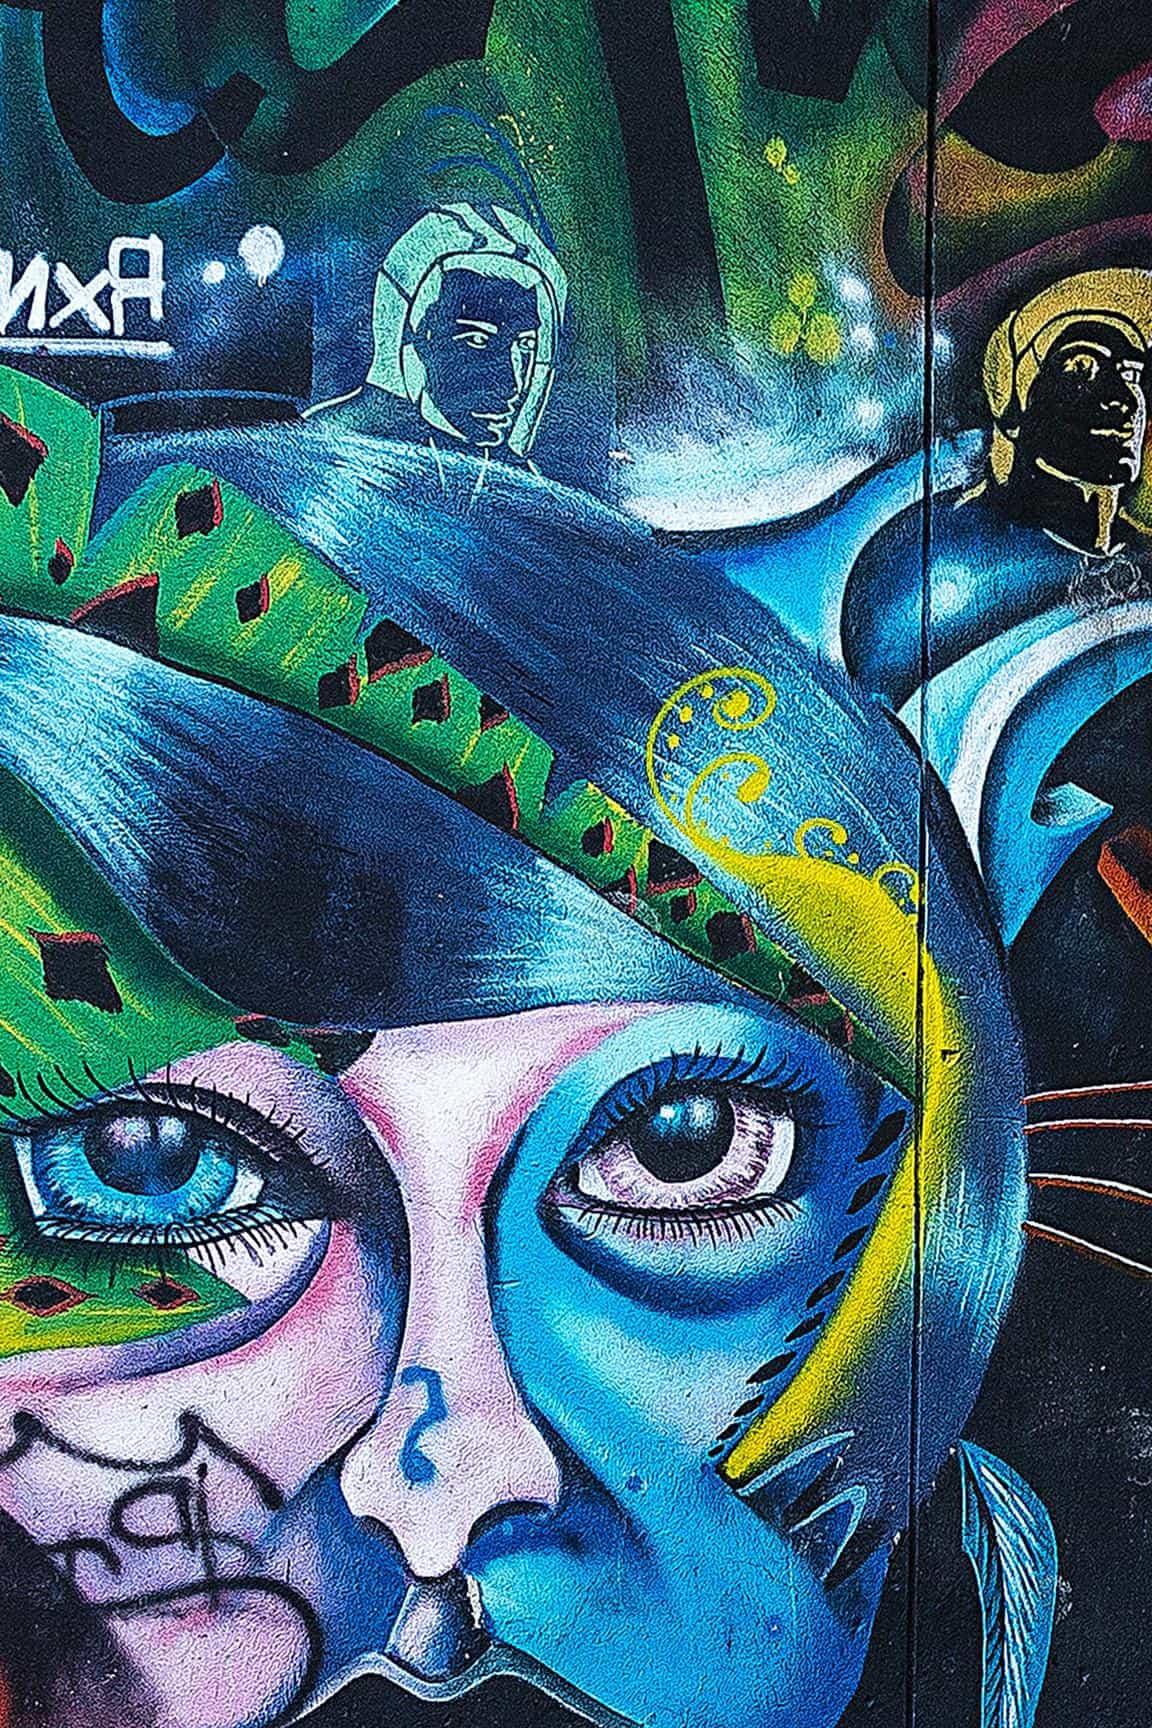 imagen gratis  graffiti  arte  art u00edstico  m u00e1scara